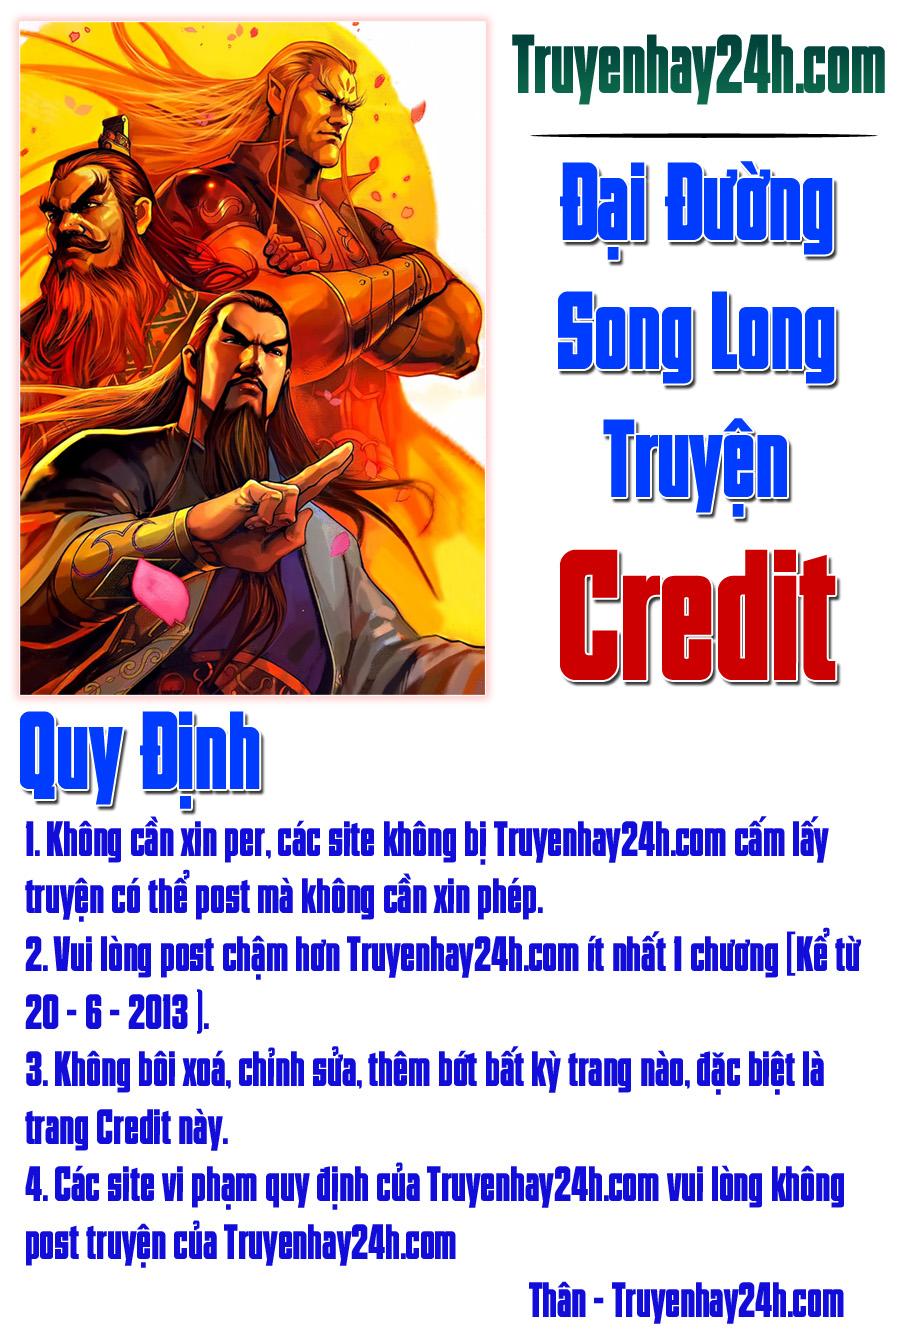 Đại Đường Song Long Truyện chap 218 - Trang 1